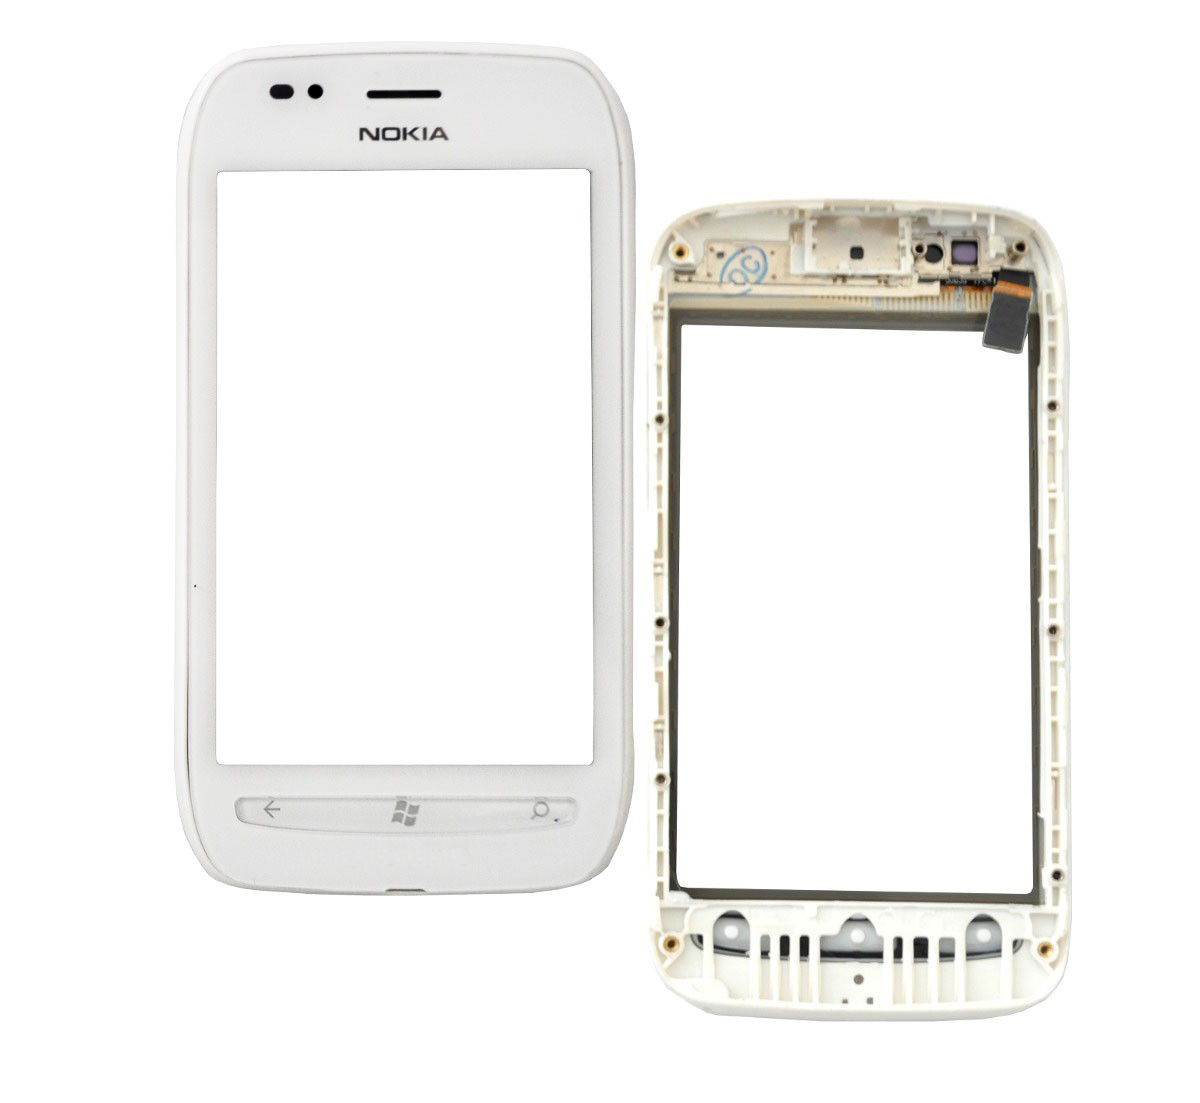 Tela Touch Nokia Lumia 710 C/ Aro Branca